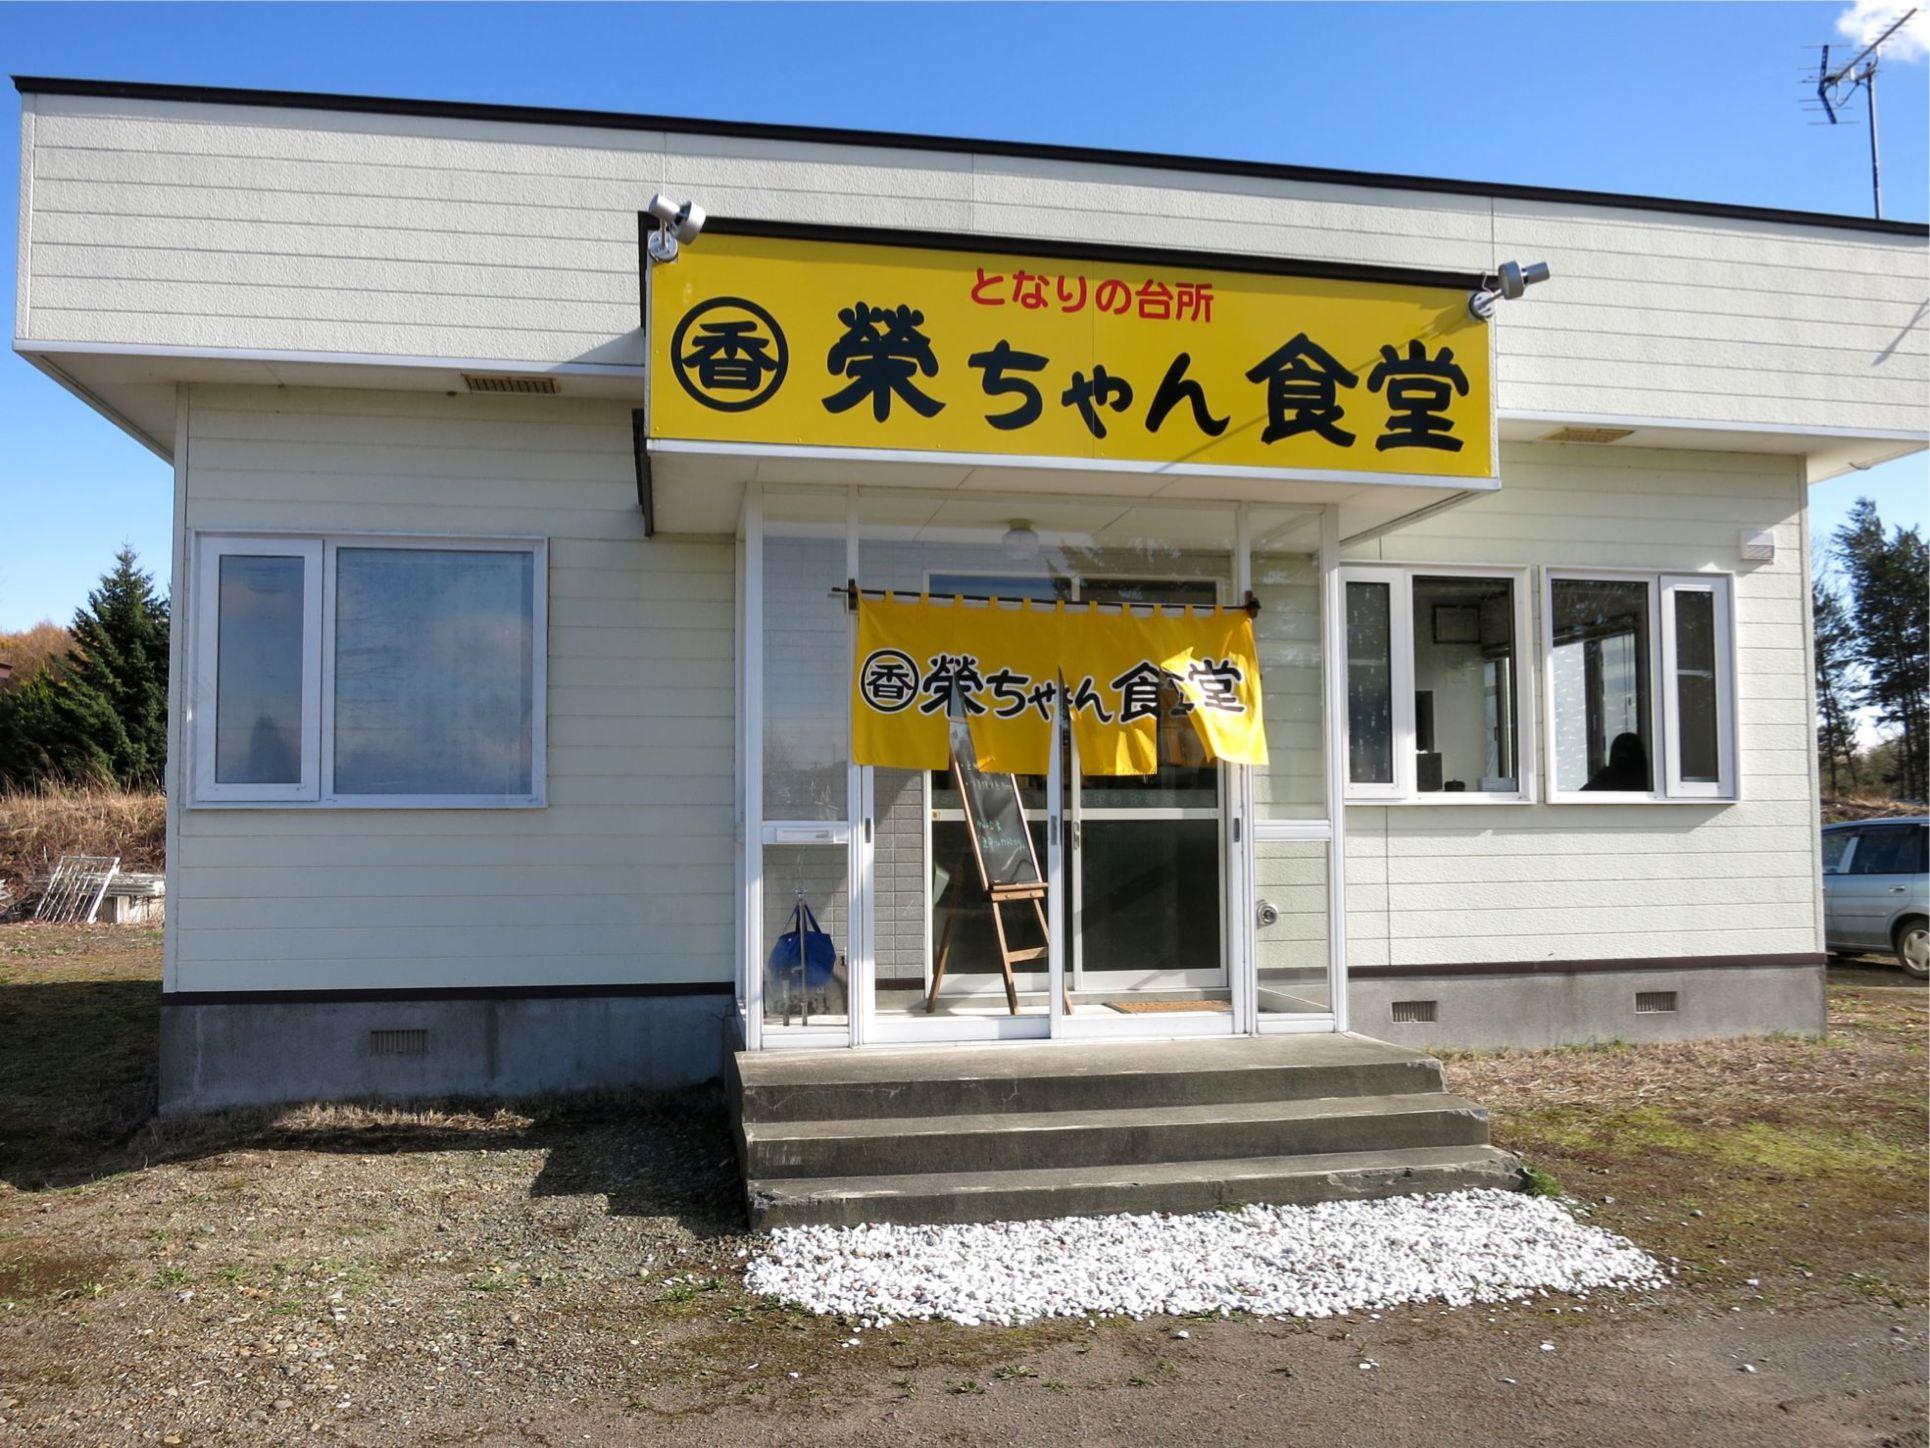 榮ちゃん食堂